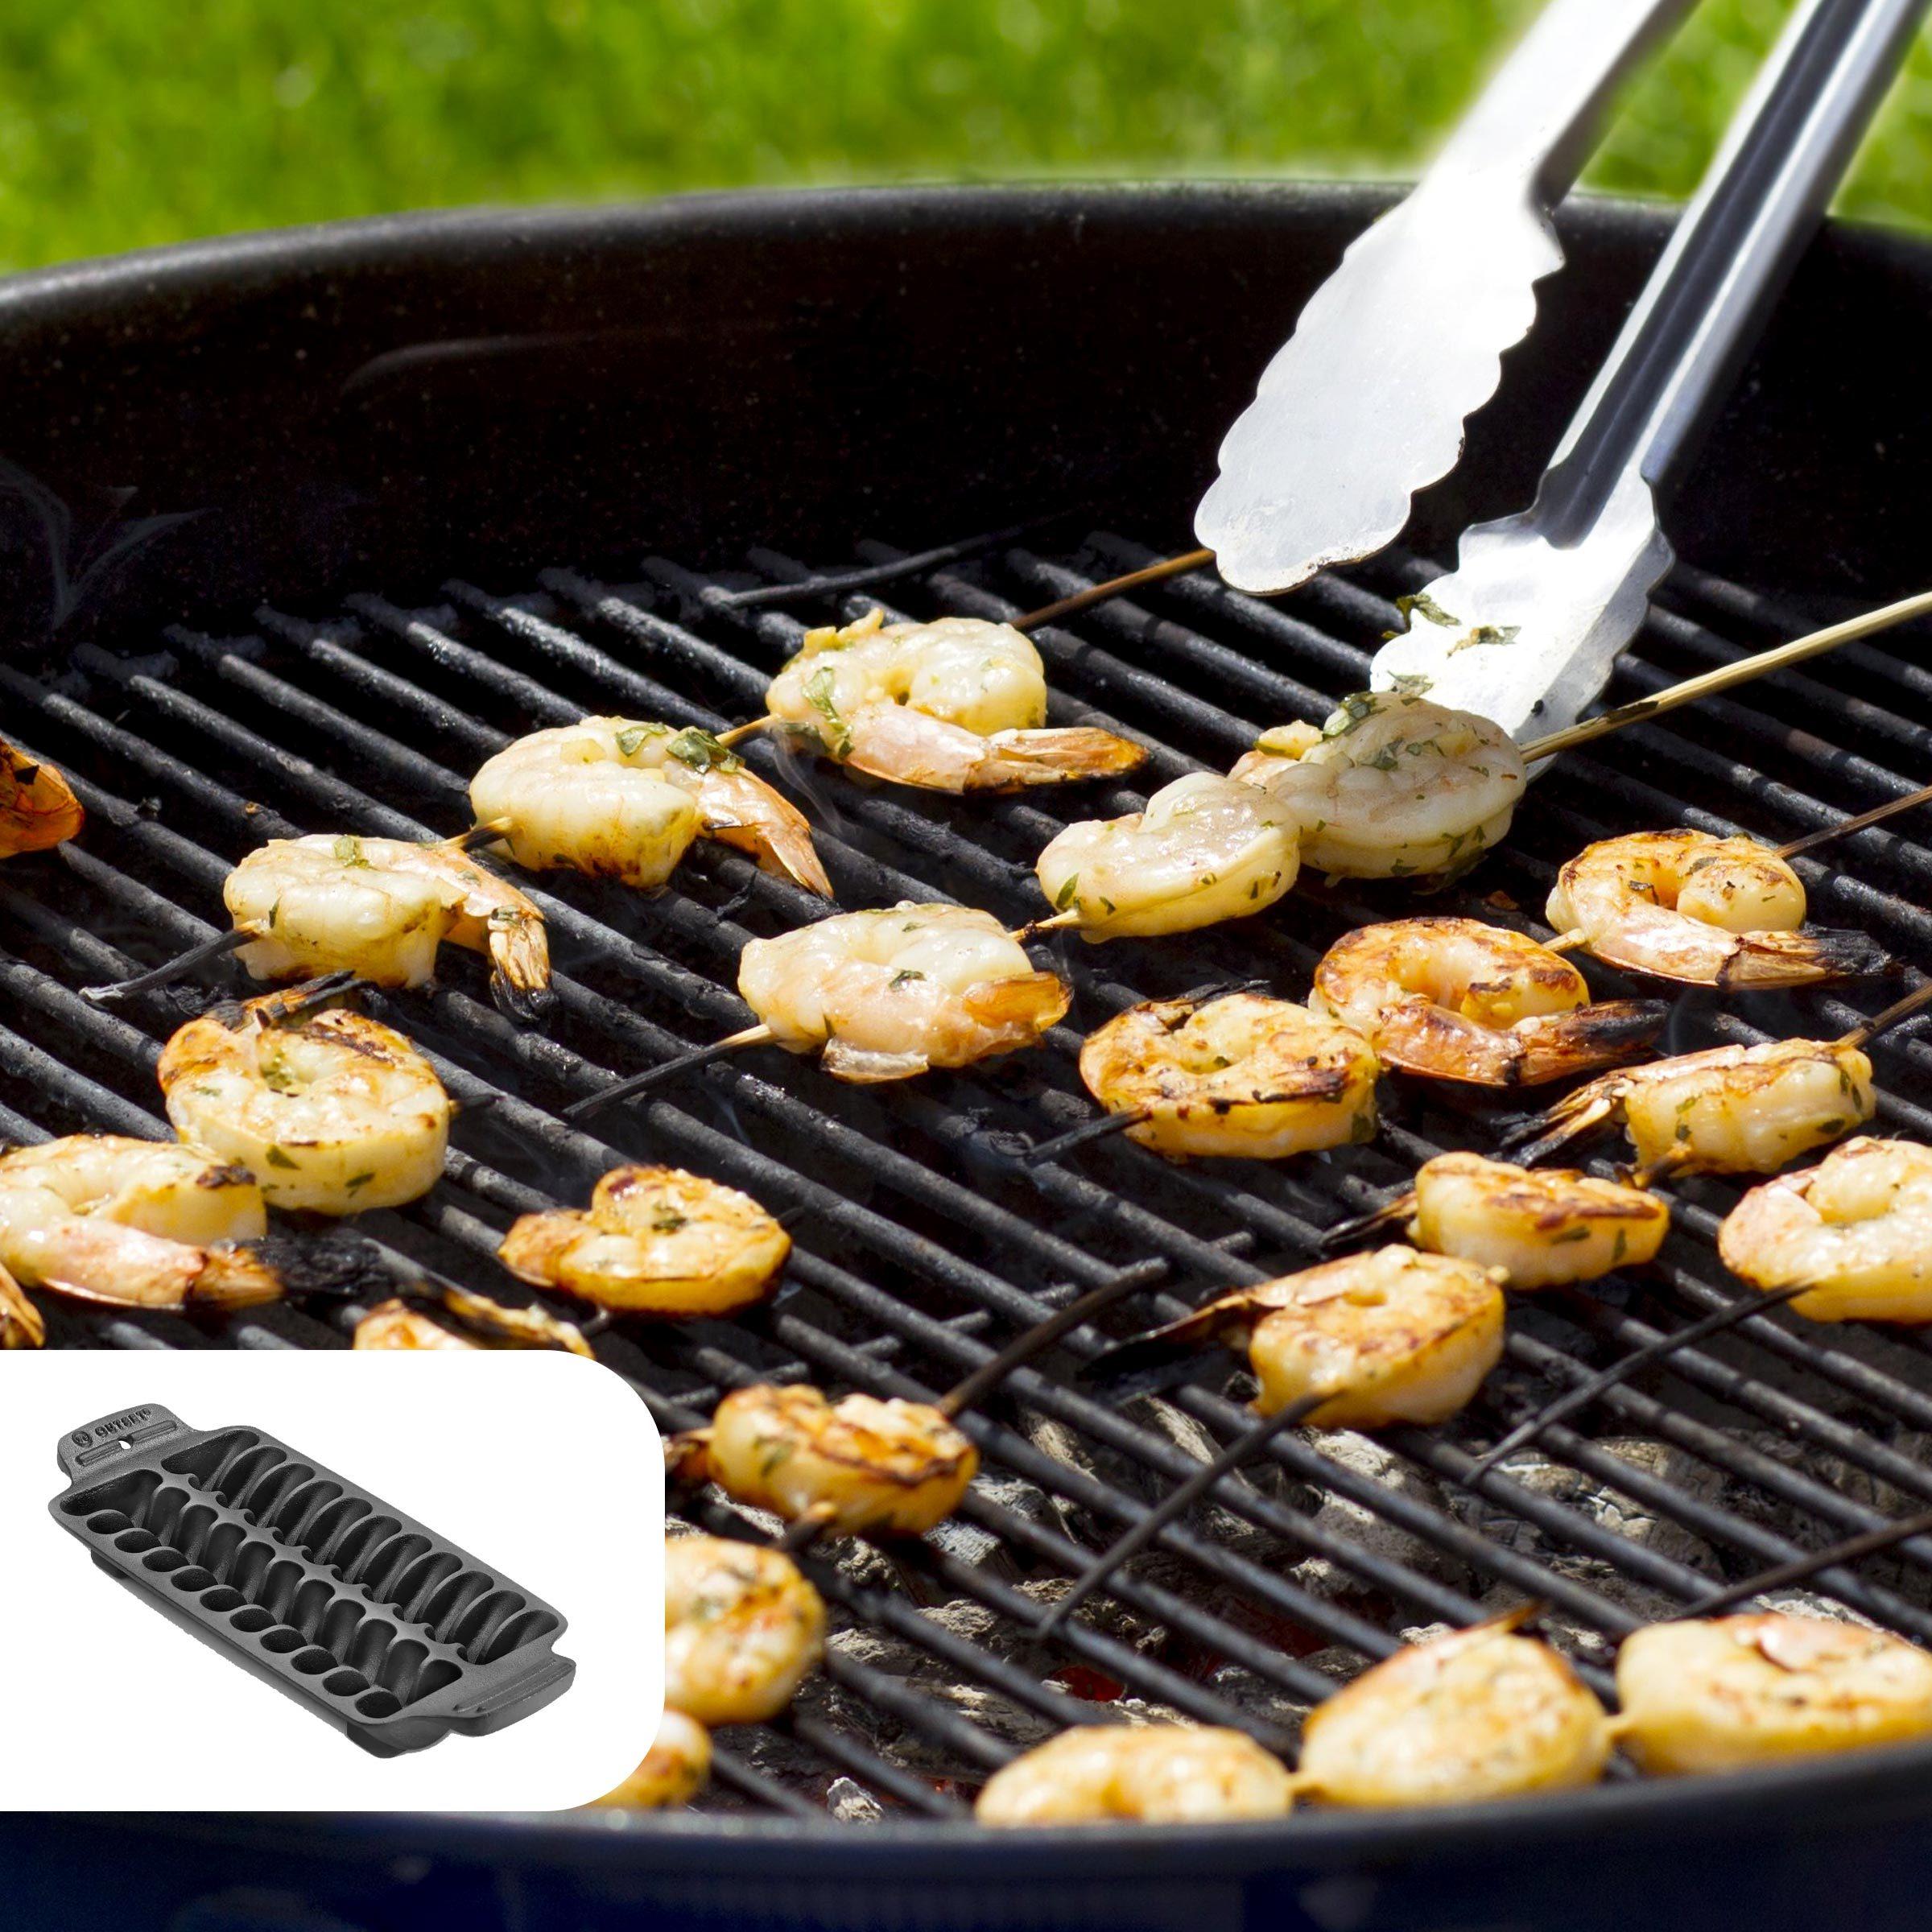 Salt and pepper grilled shrimp